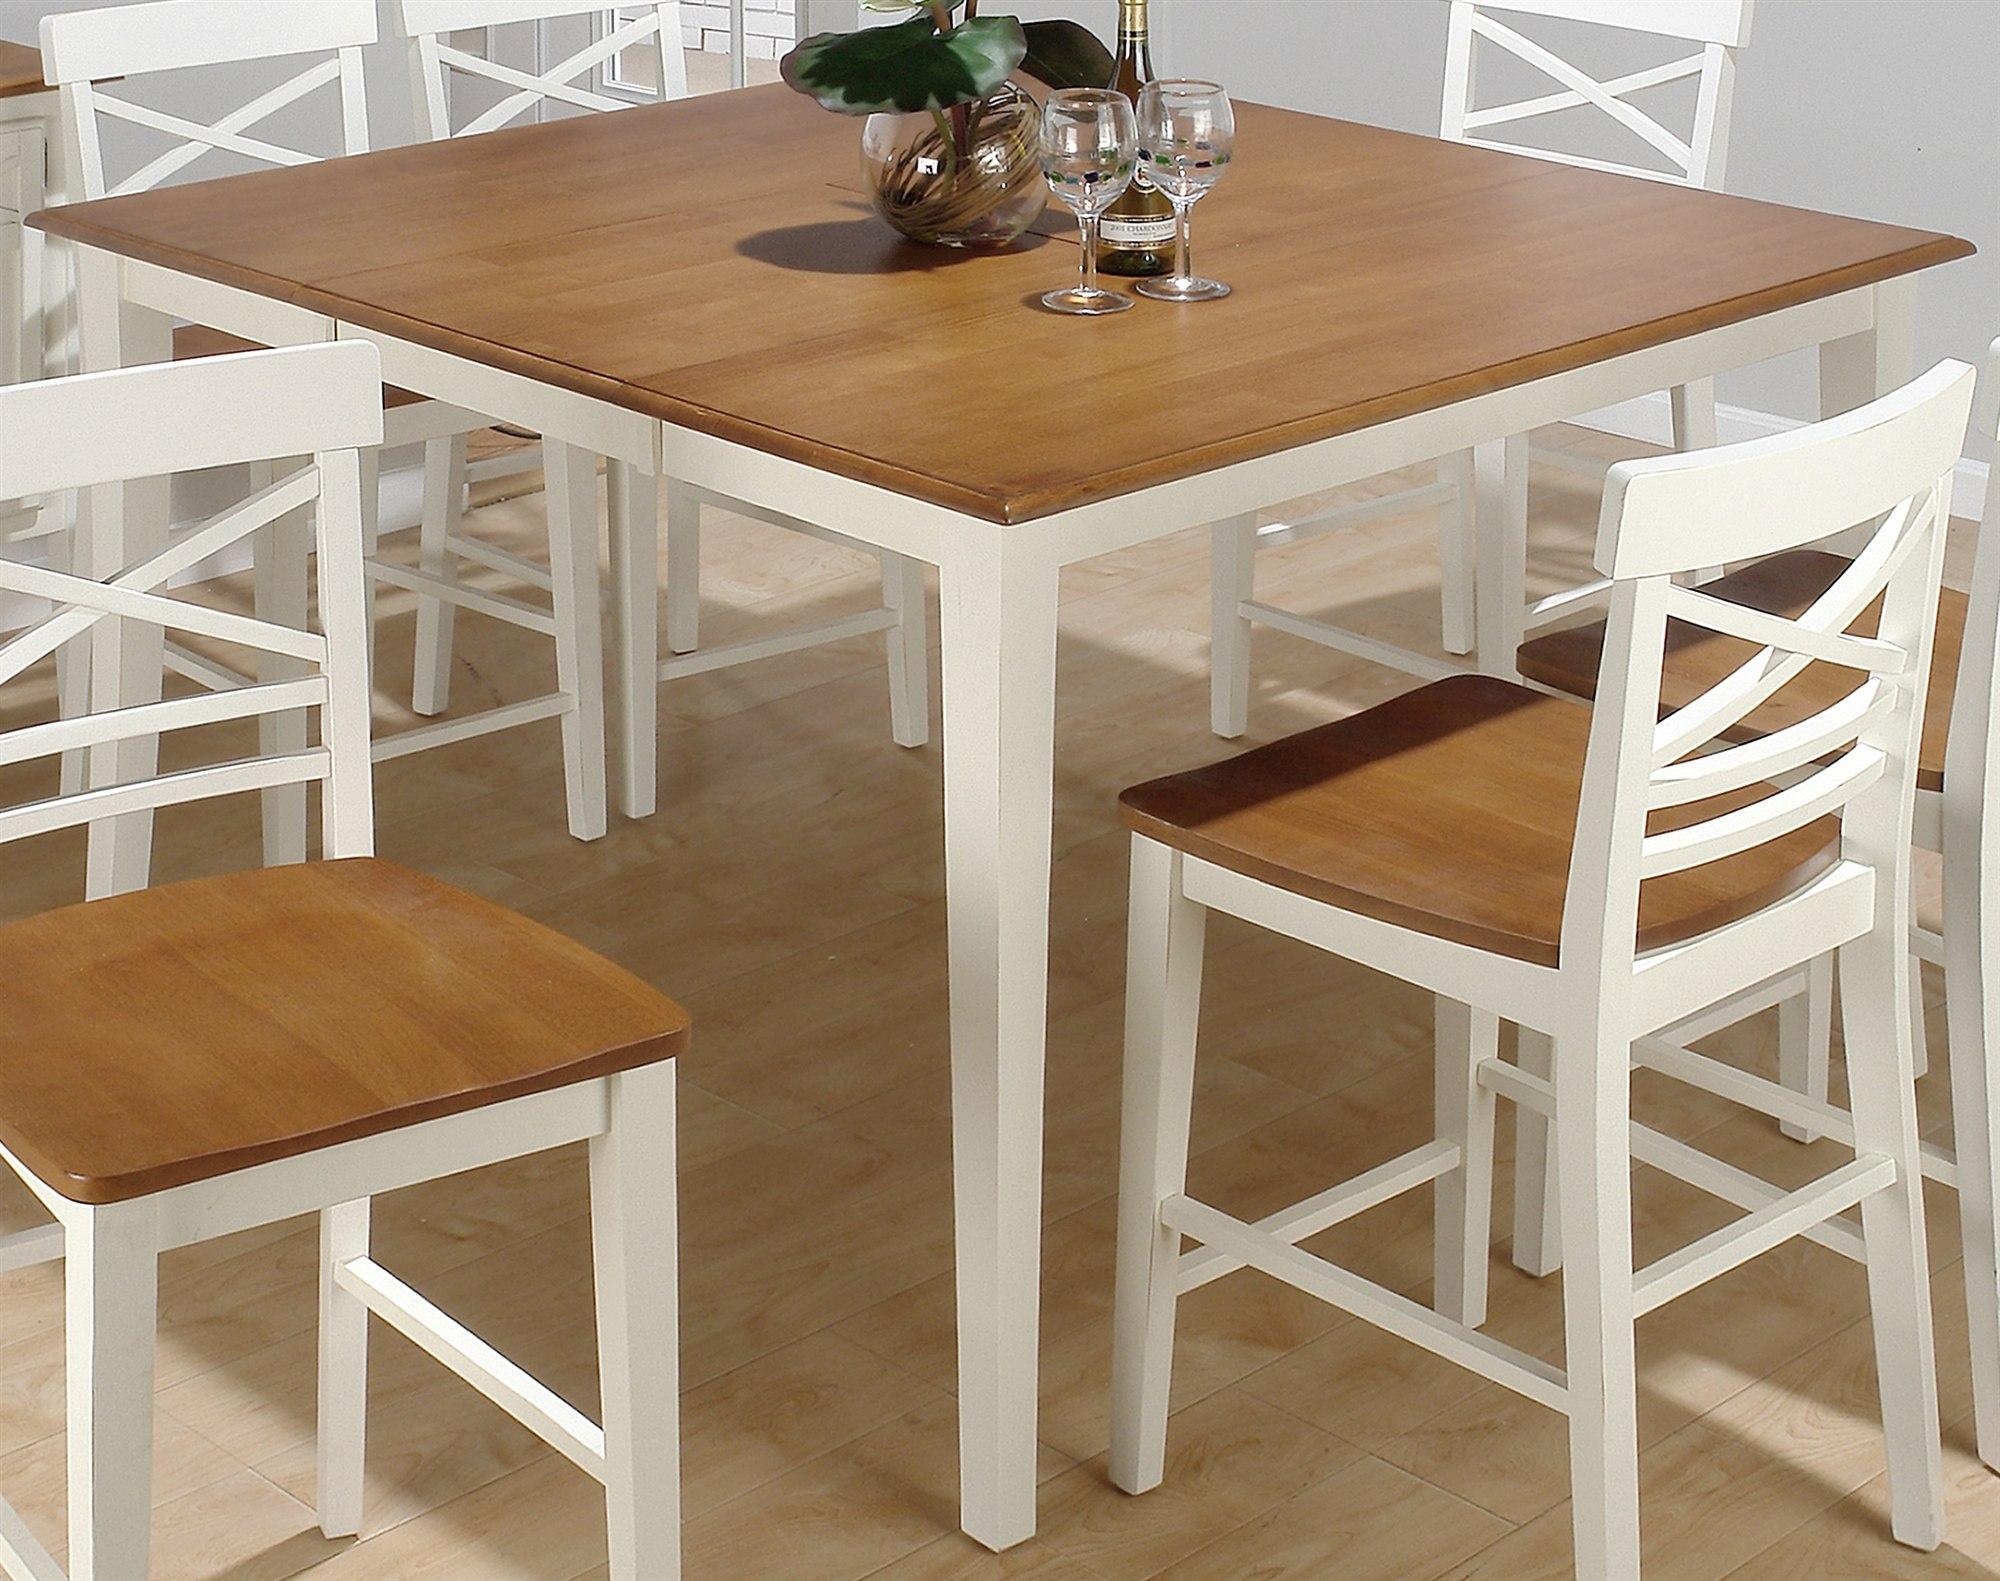 kitchen-chairs-ikea-photo-13